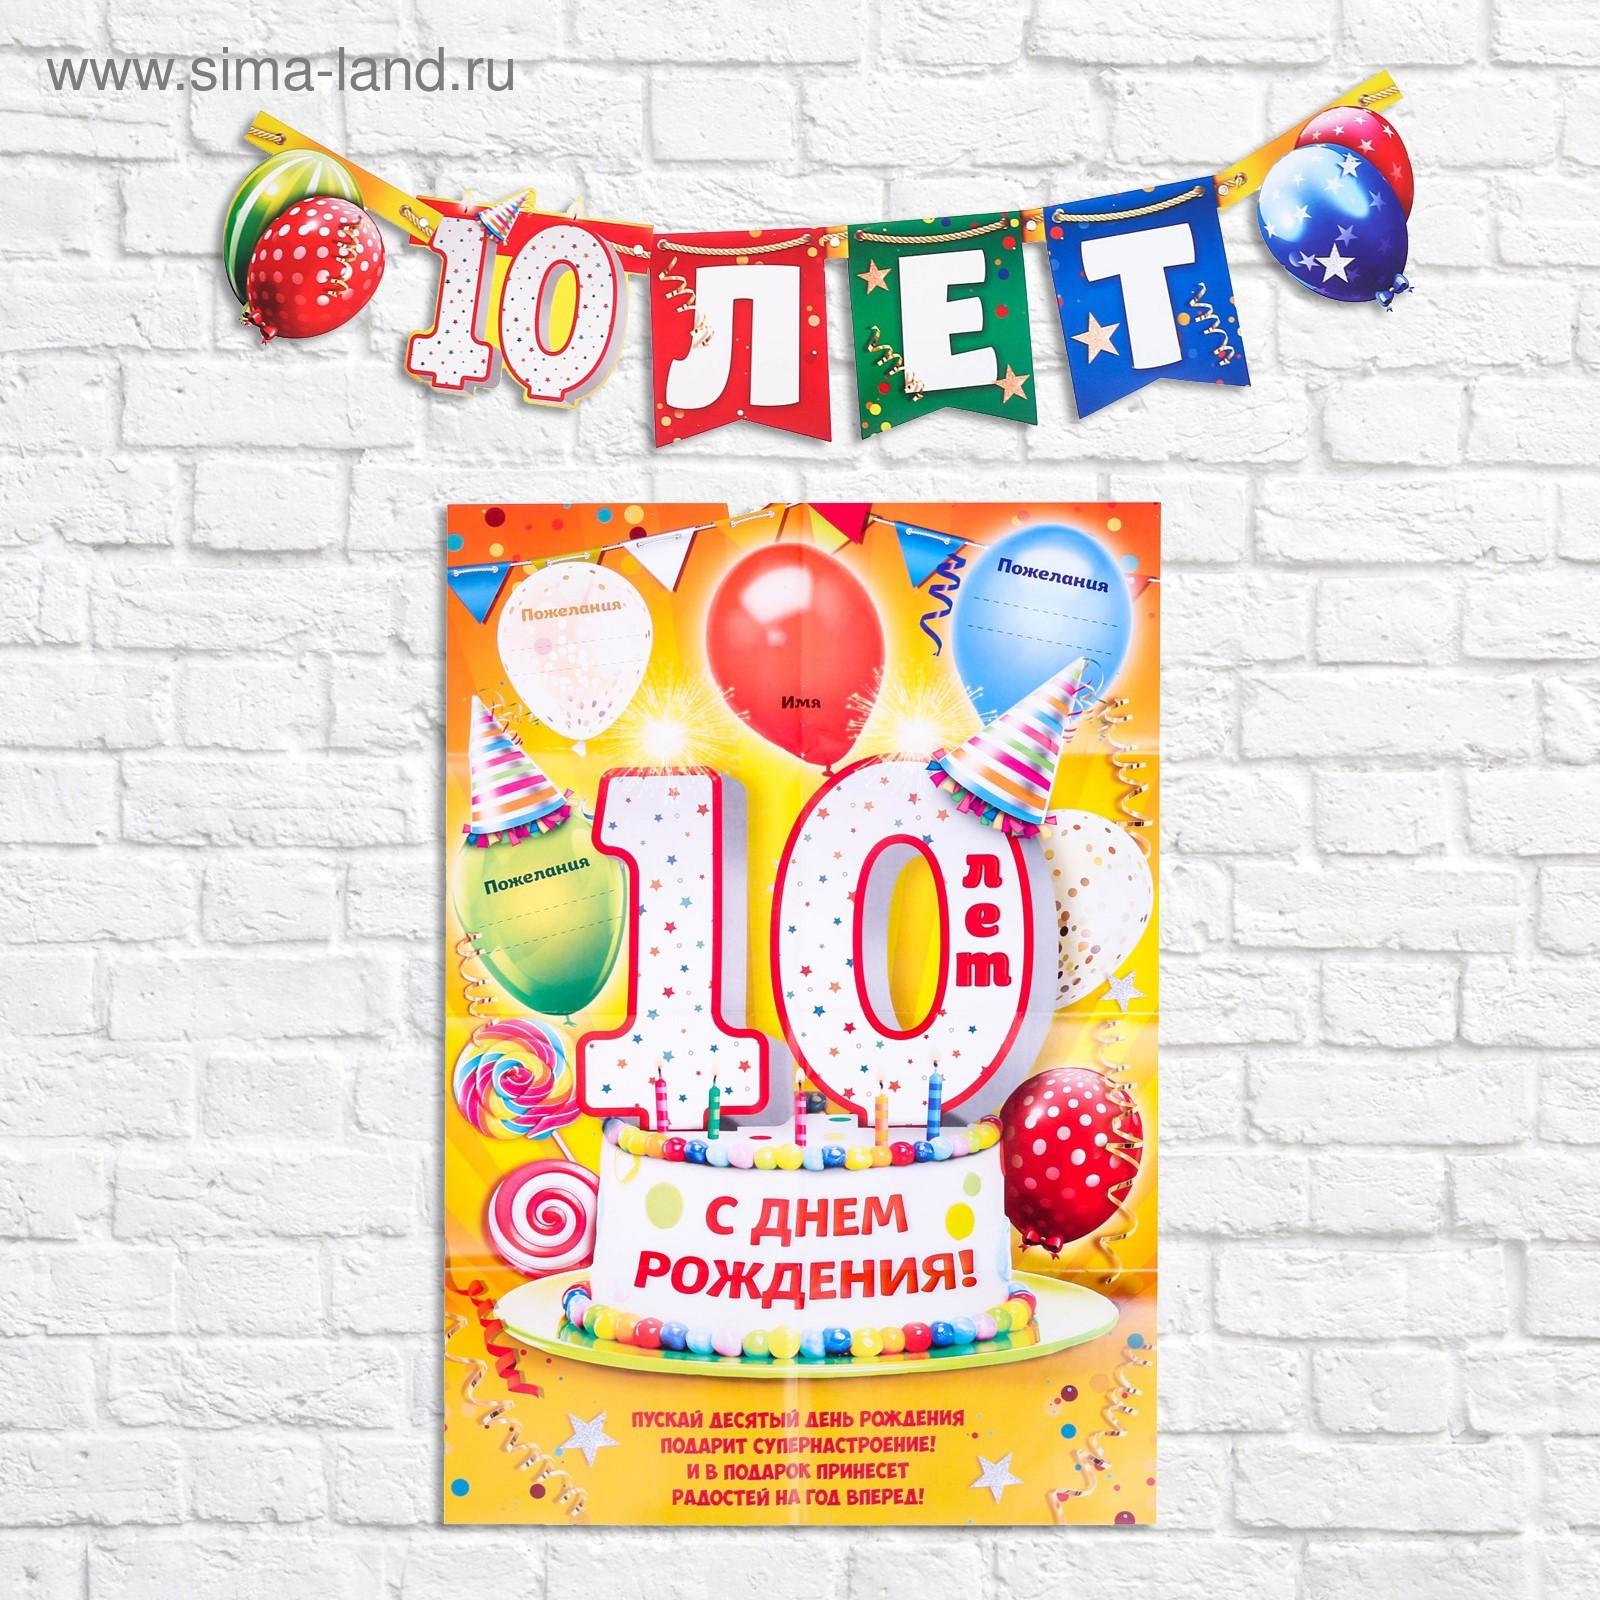 Поздравления с днем рождения сына подруги картинки 10 лет, бульдог открытки